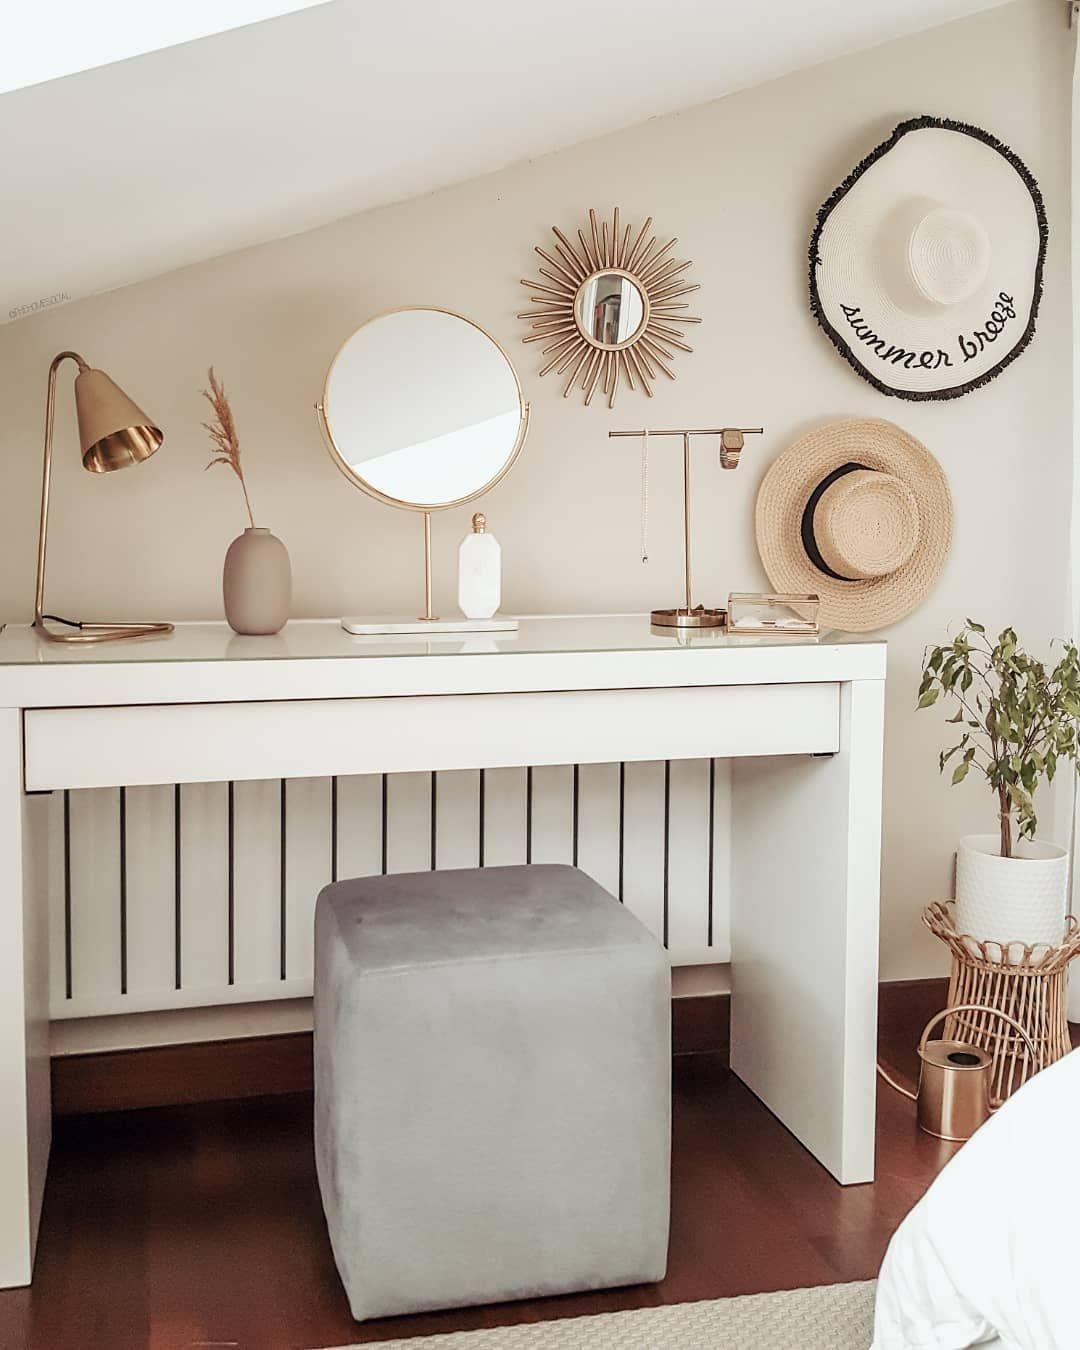 """EvSosyali on Instagram: """"Beauty corner ▪ ▪ ▪  #bedroominterior #bedroominspo #bedroomgoals #bedroomstories #hmxme #interior4you1 #interiorstyling #interior2you…"""""""